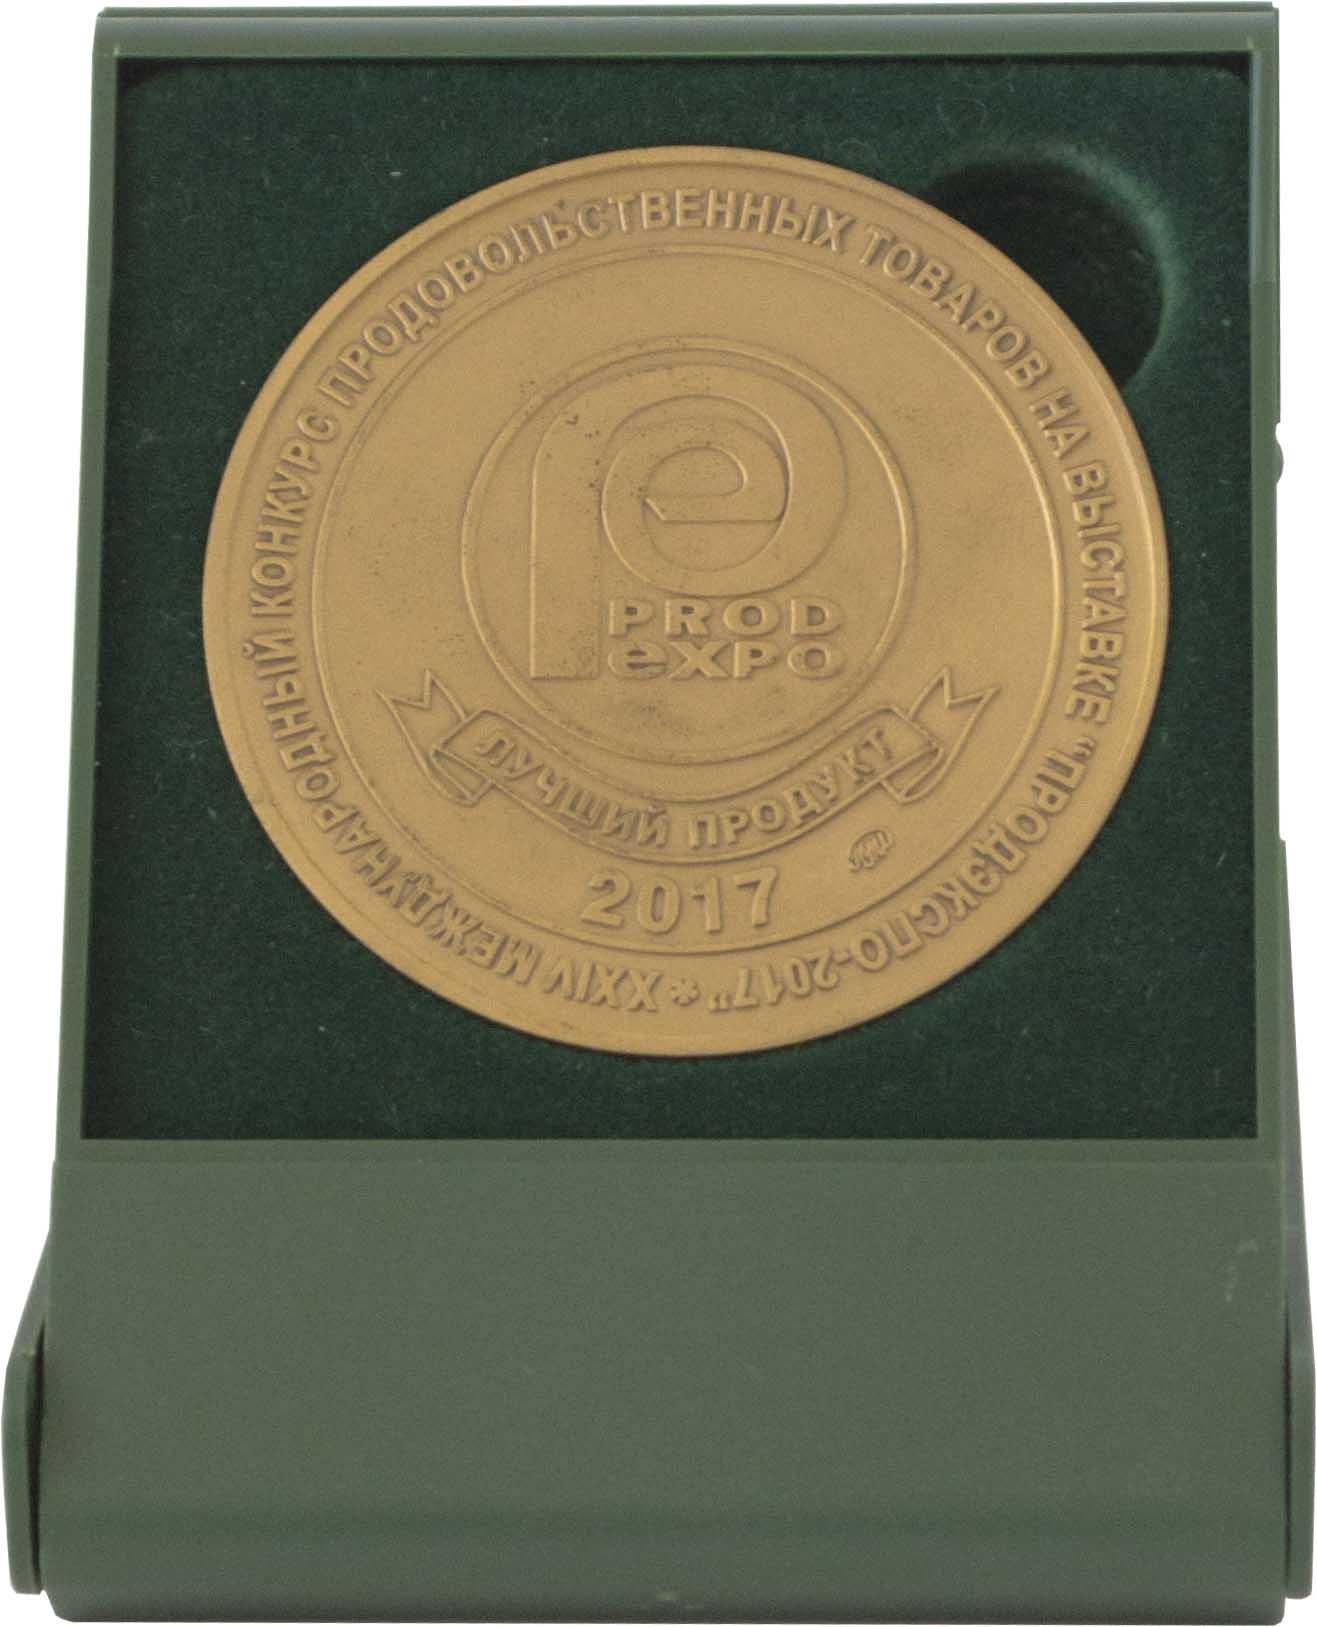 ПРОД ЭКСПО 2017 - Бронзовая медаль за Лучший продукт 2017 года в Футляре